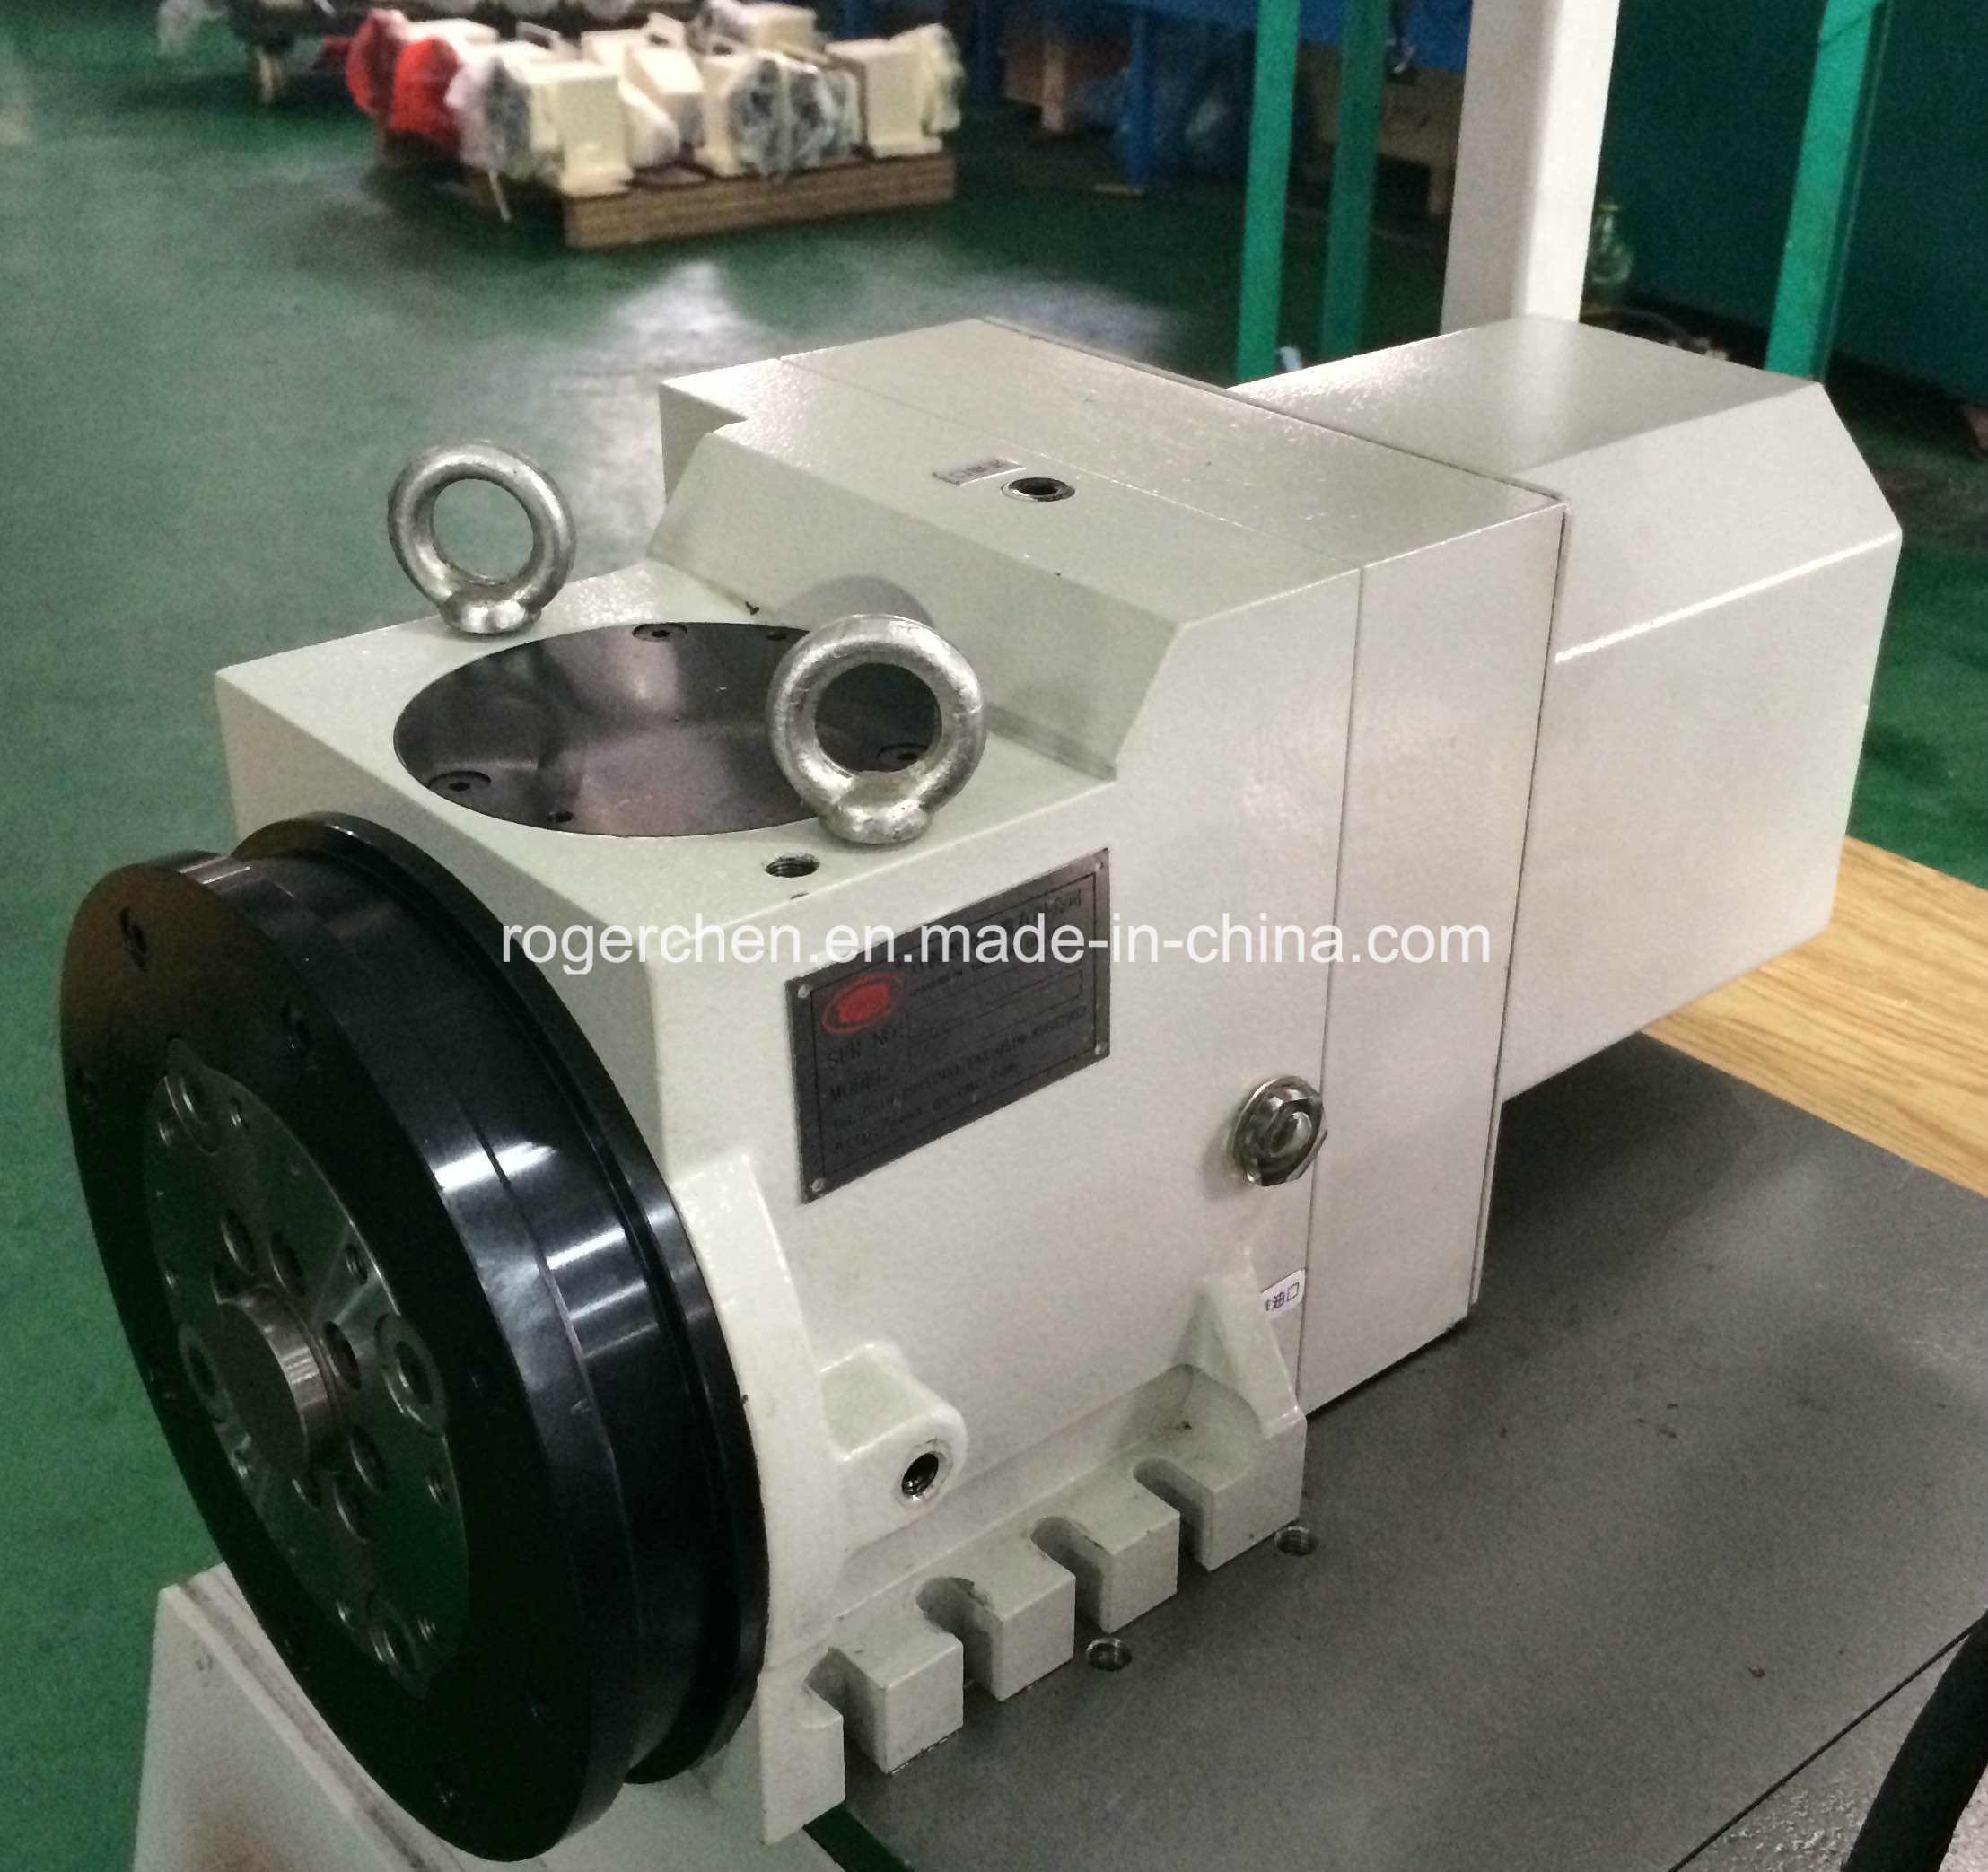 Hydraulic Servo Turret Hy-63A, Low Price High Quality